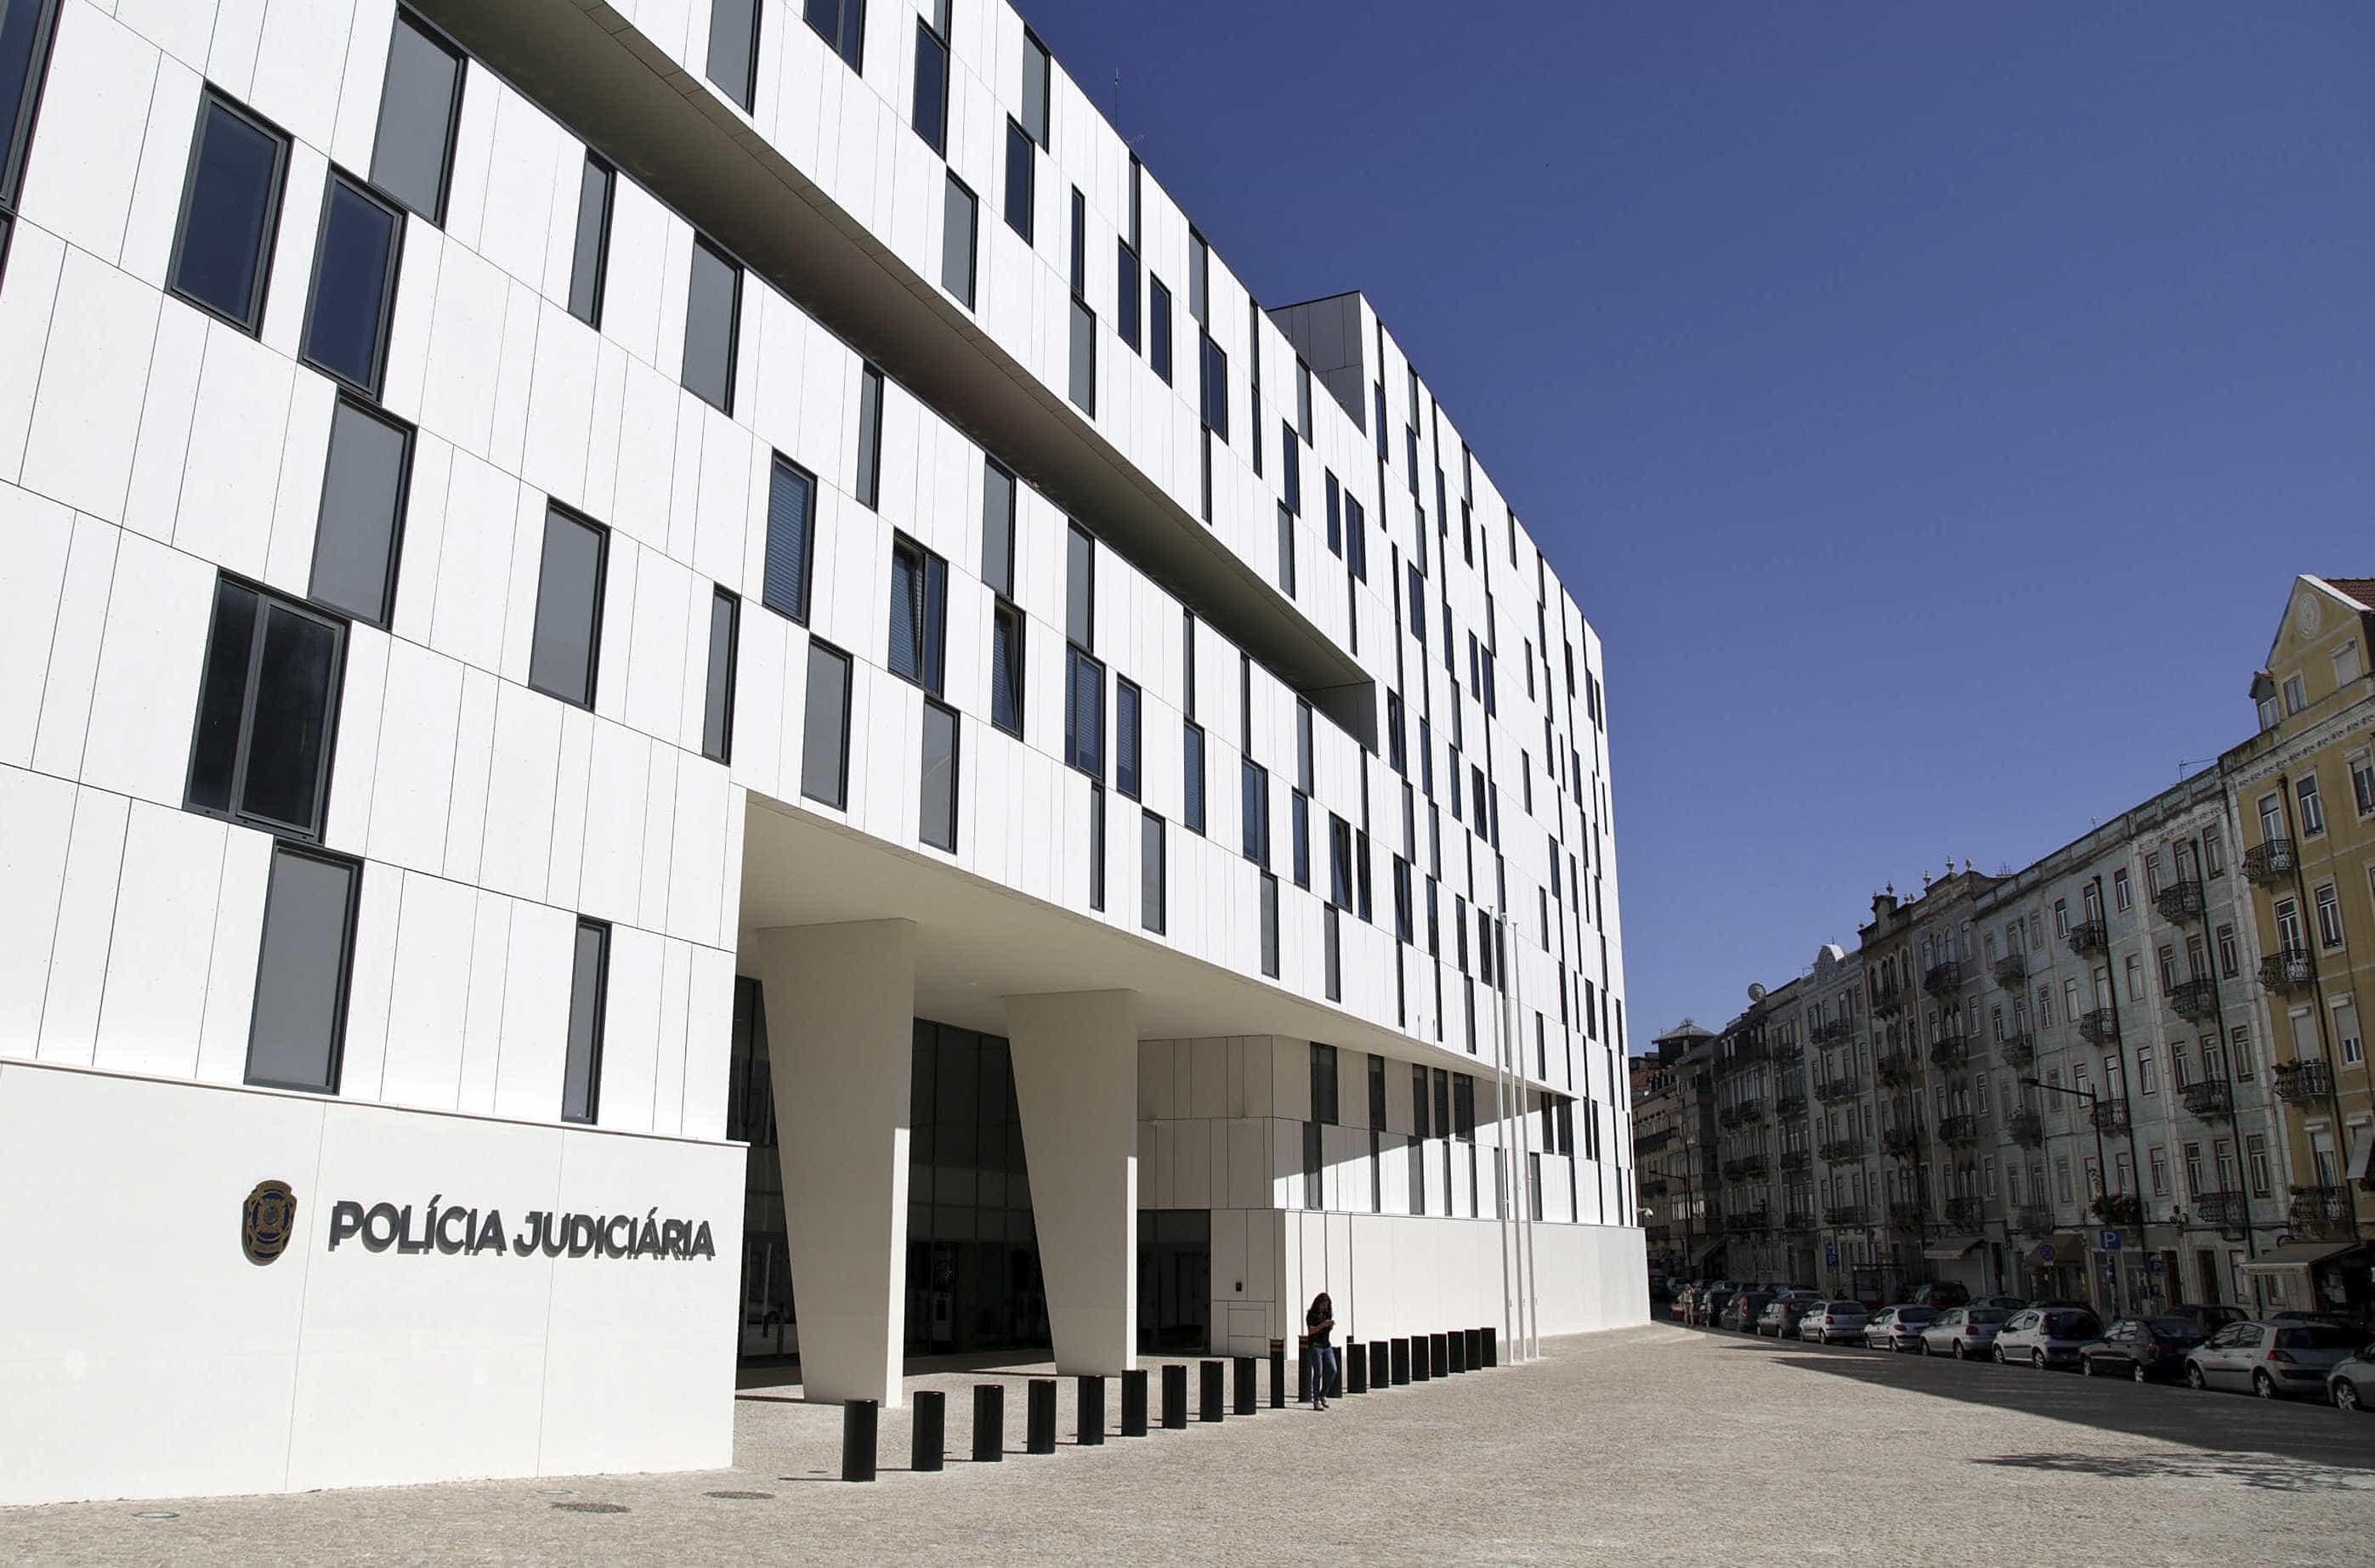 Buscas da Polícia Judiciária na ASAE estenderam-se a Lisboa